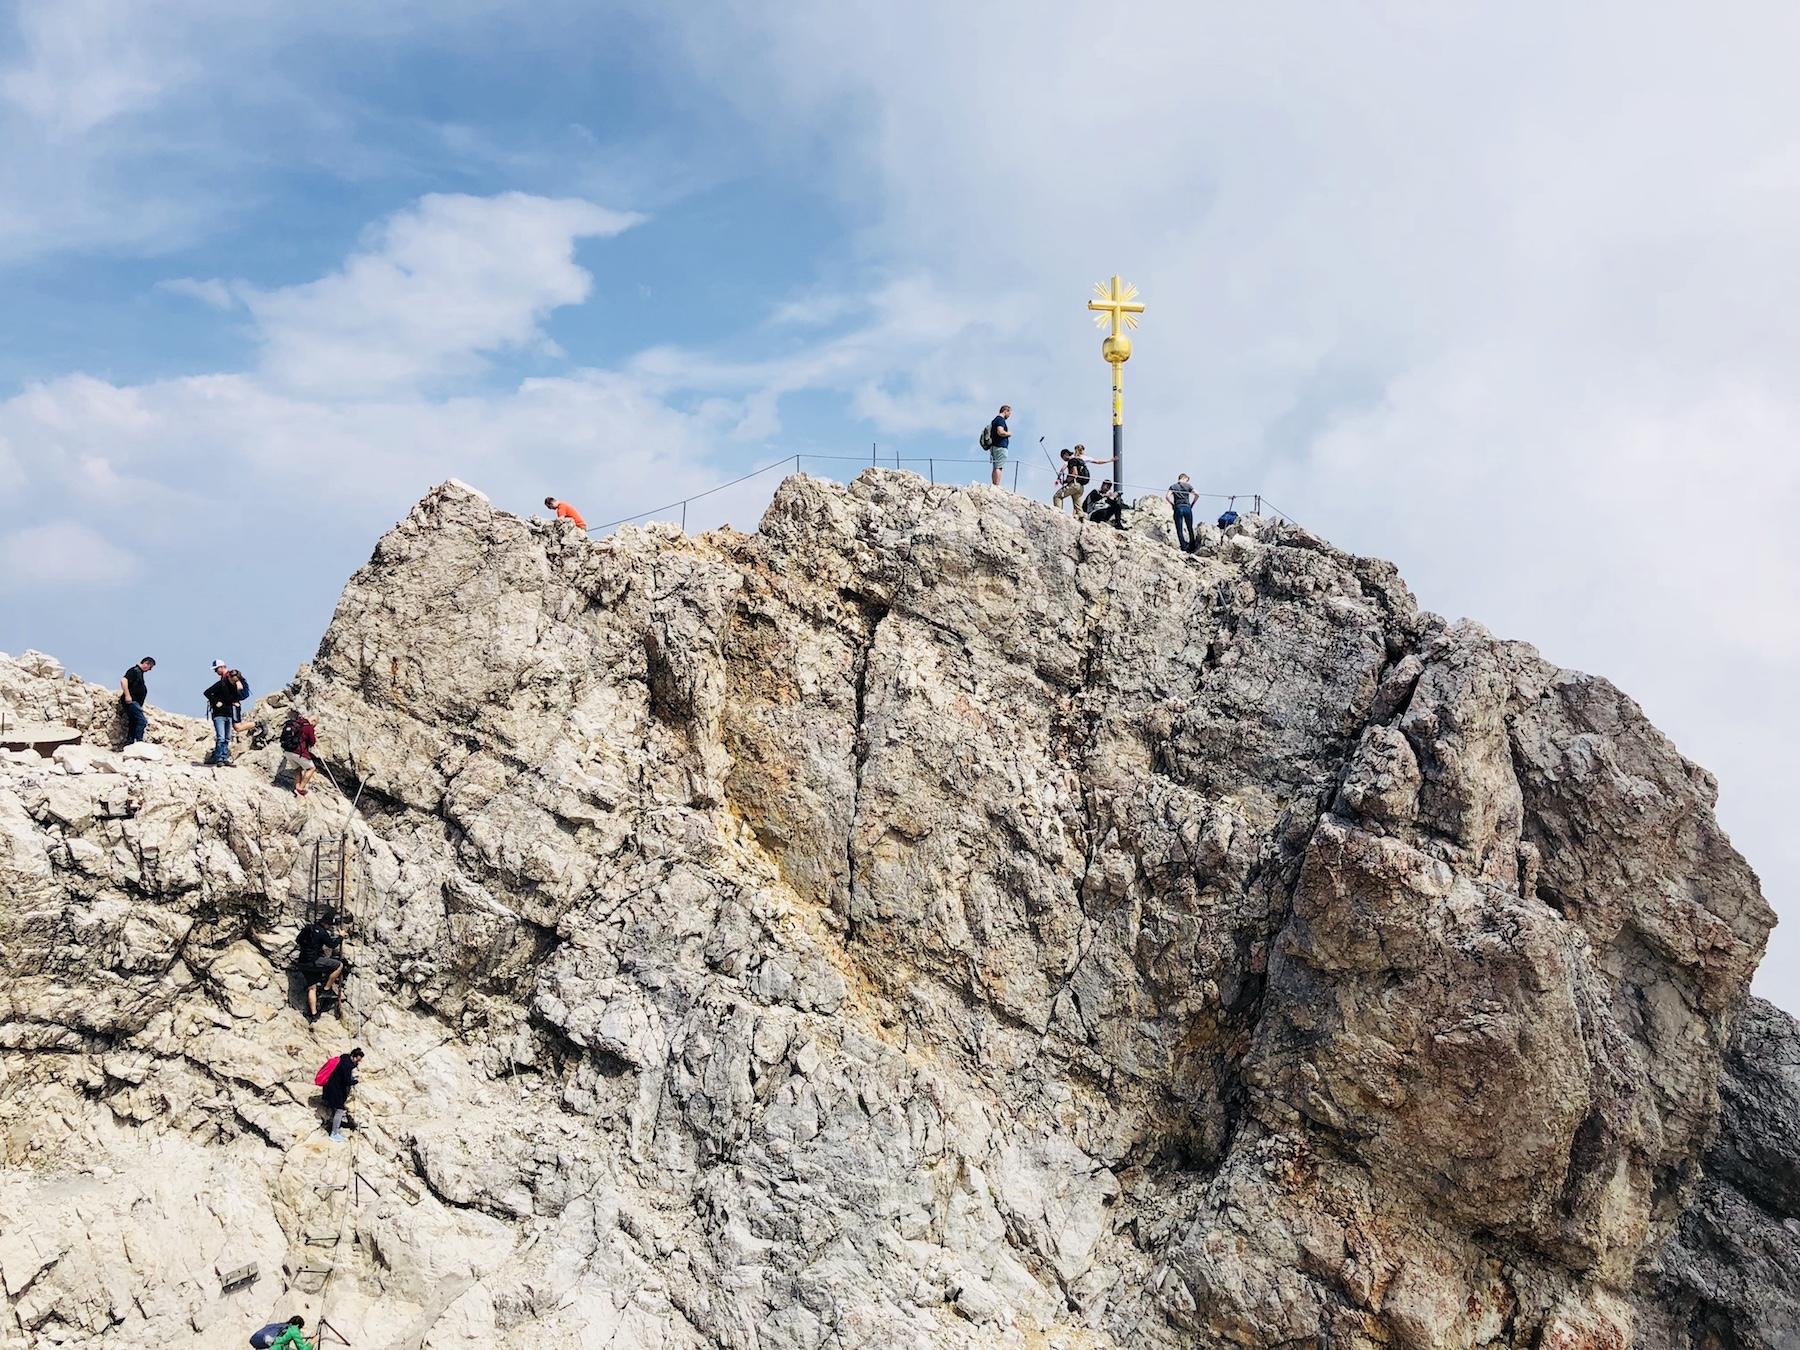 Blick auf den Kletterweg zum Gipfelkreuz auf der Zugspitze, Deutschland